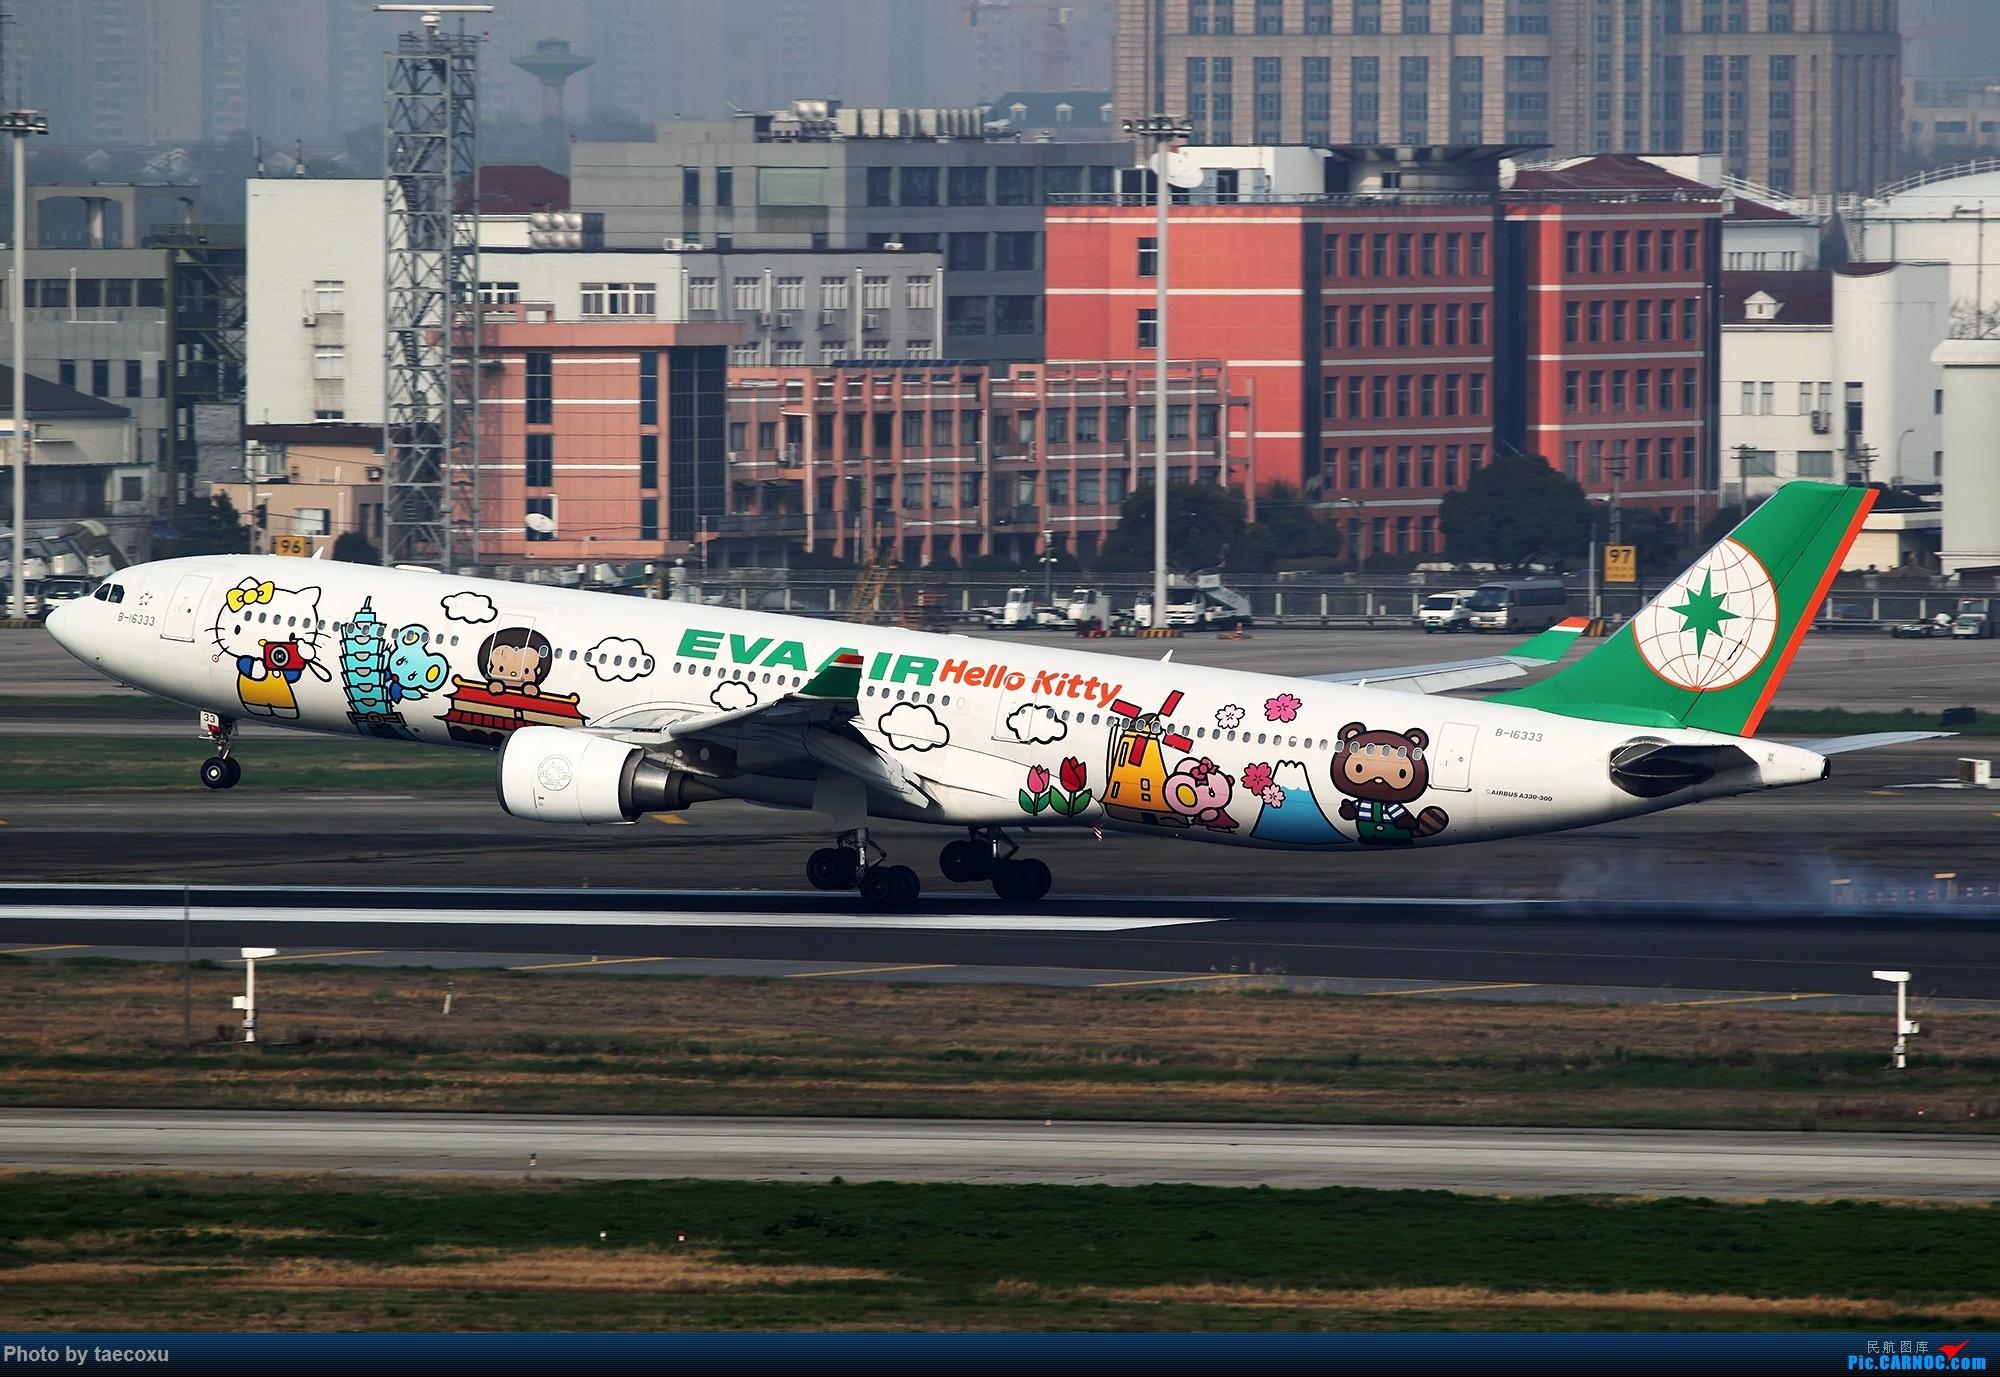 Re:[原创]据说能发大图了 AIRBUS A330-300 B-16333 中国上海虹桥国际机场